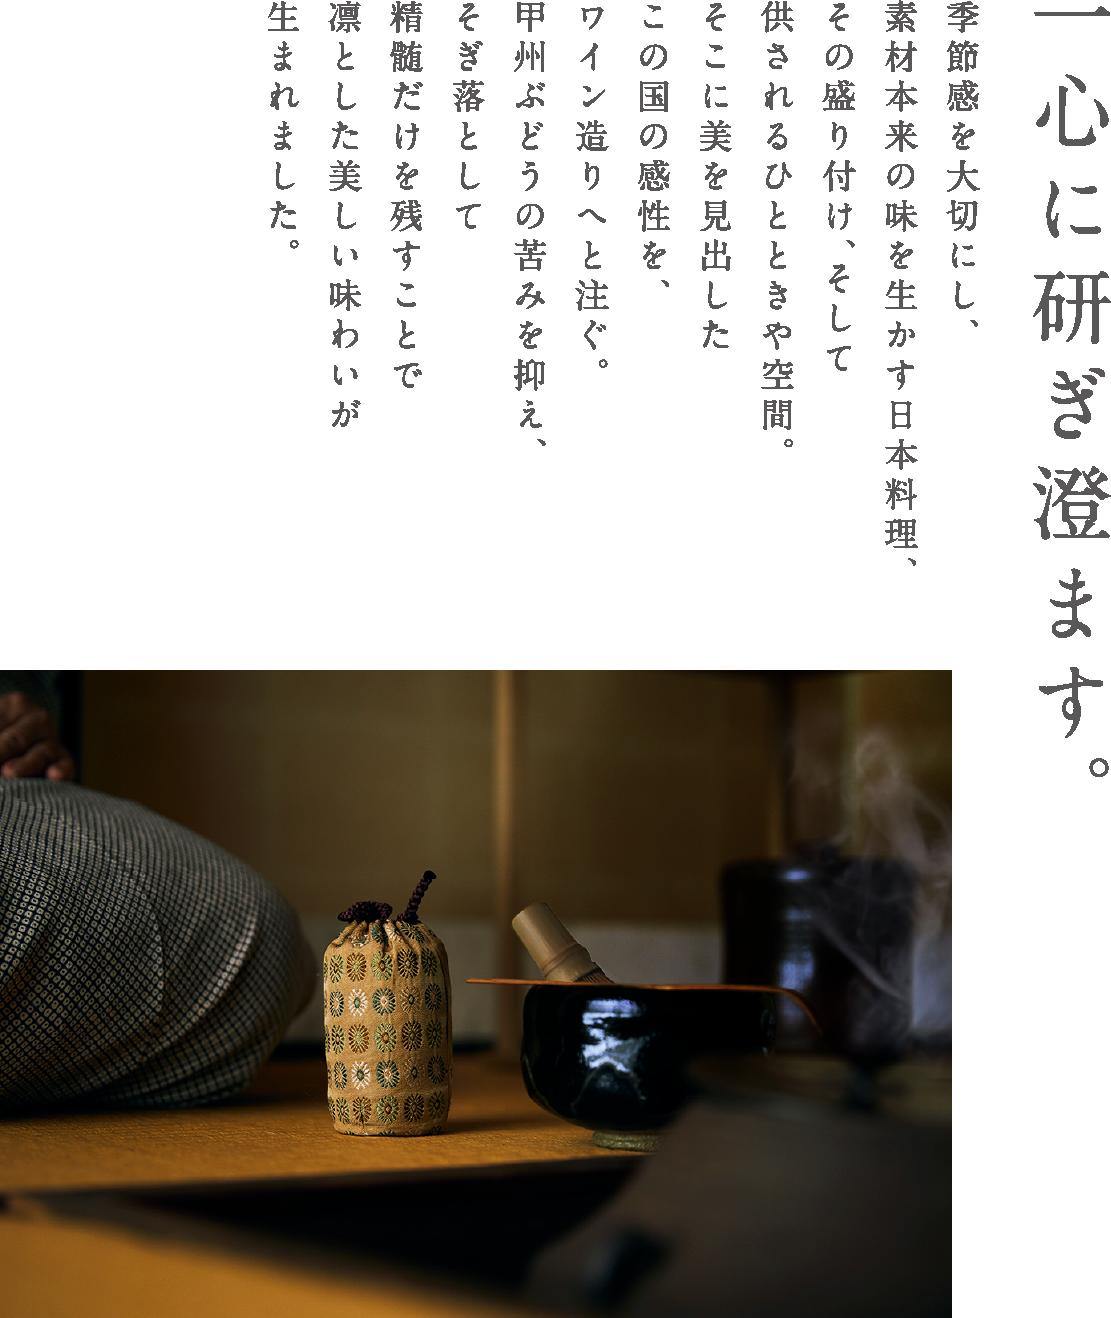 一心に研ぎ澄ます。季節感を大切にし、素材本来の味を生かす日本料理、その盛り付け、そして供されるひとときや空間。そこに美を見出したこの国の感性を、ワイン造りへと注ぐ。甲州ぶどうの苦みを抑え、そぎ落として精髄だけを残すことで凛とした美しい味わいが生まれました。